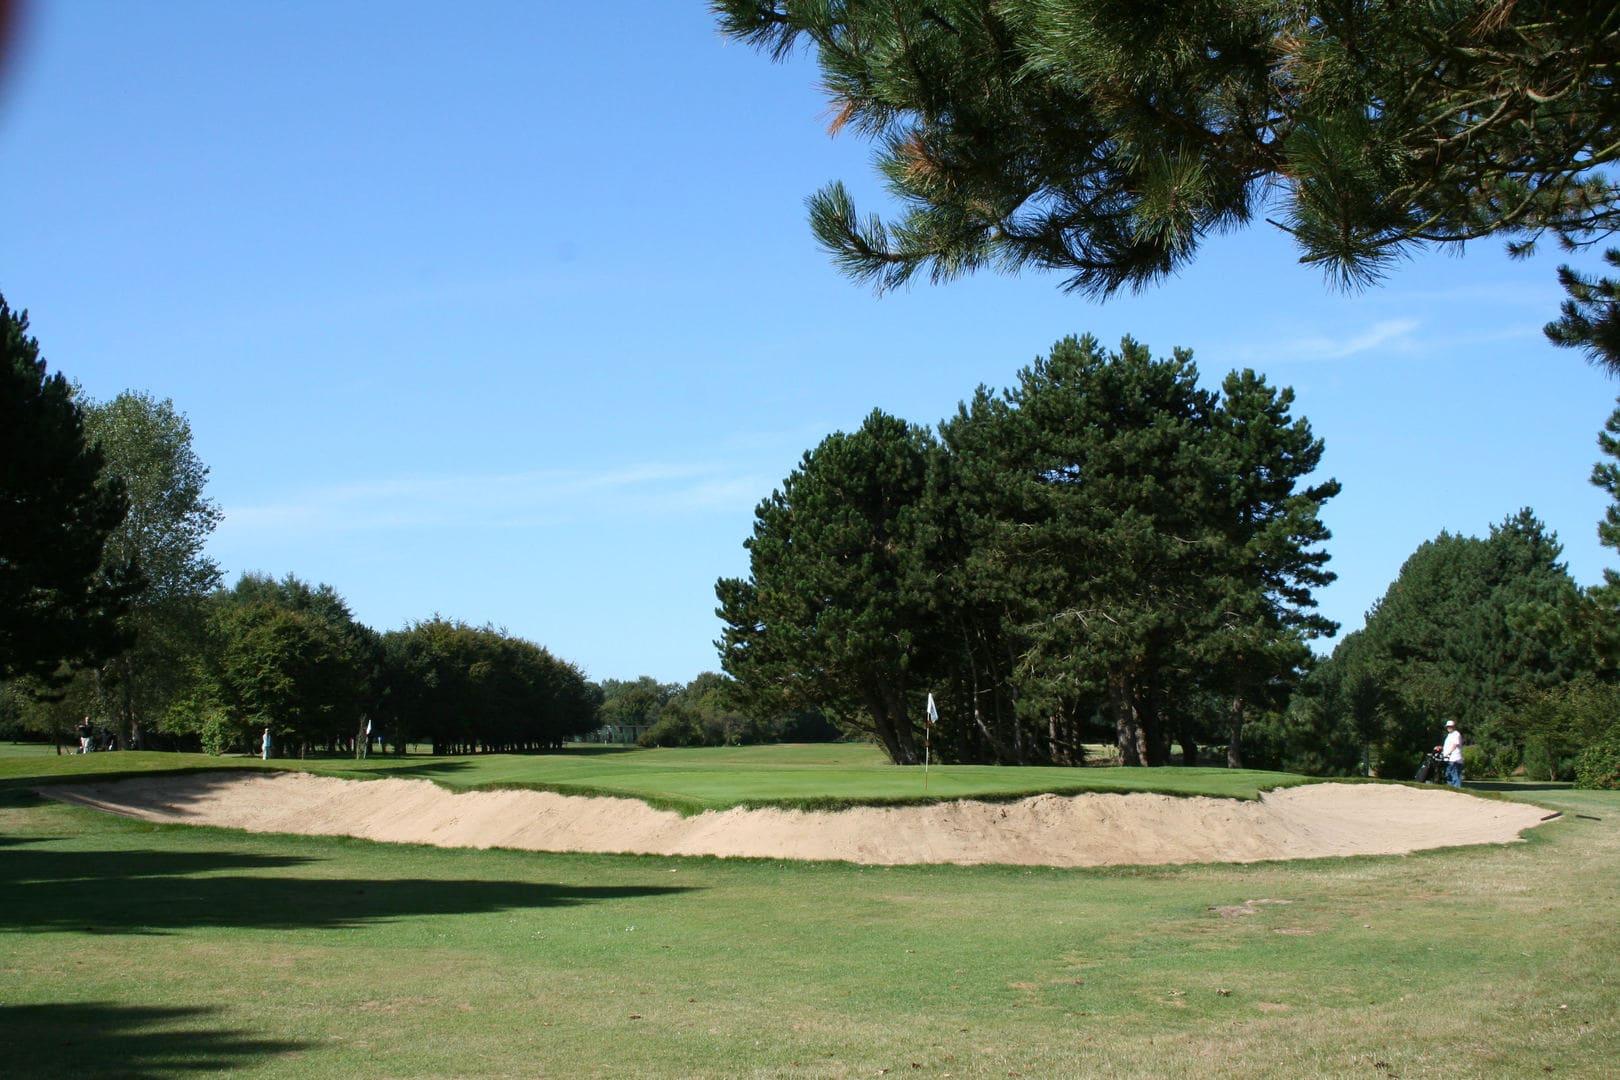 Trous-du-golf-du-Havre